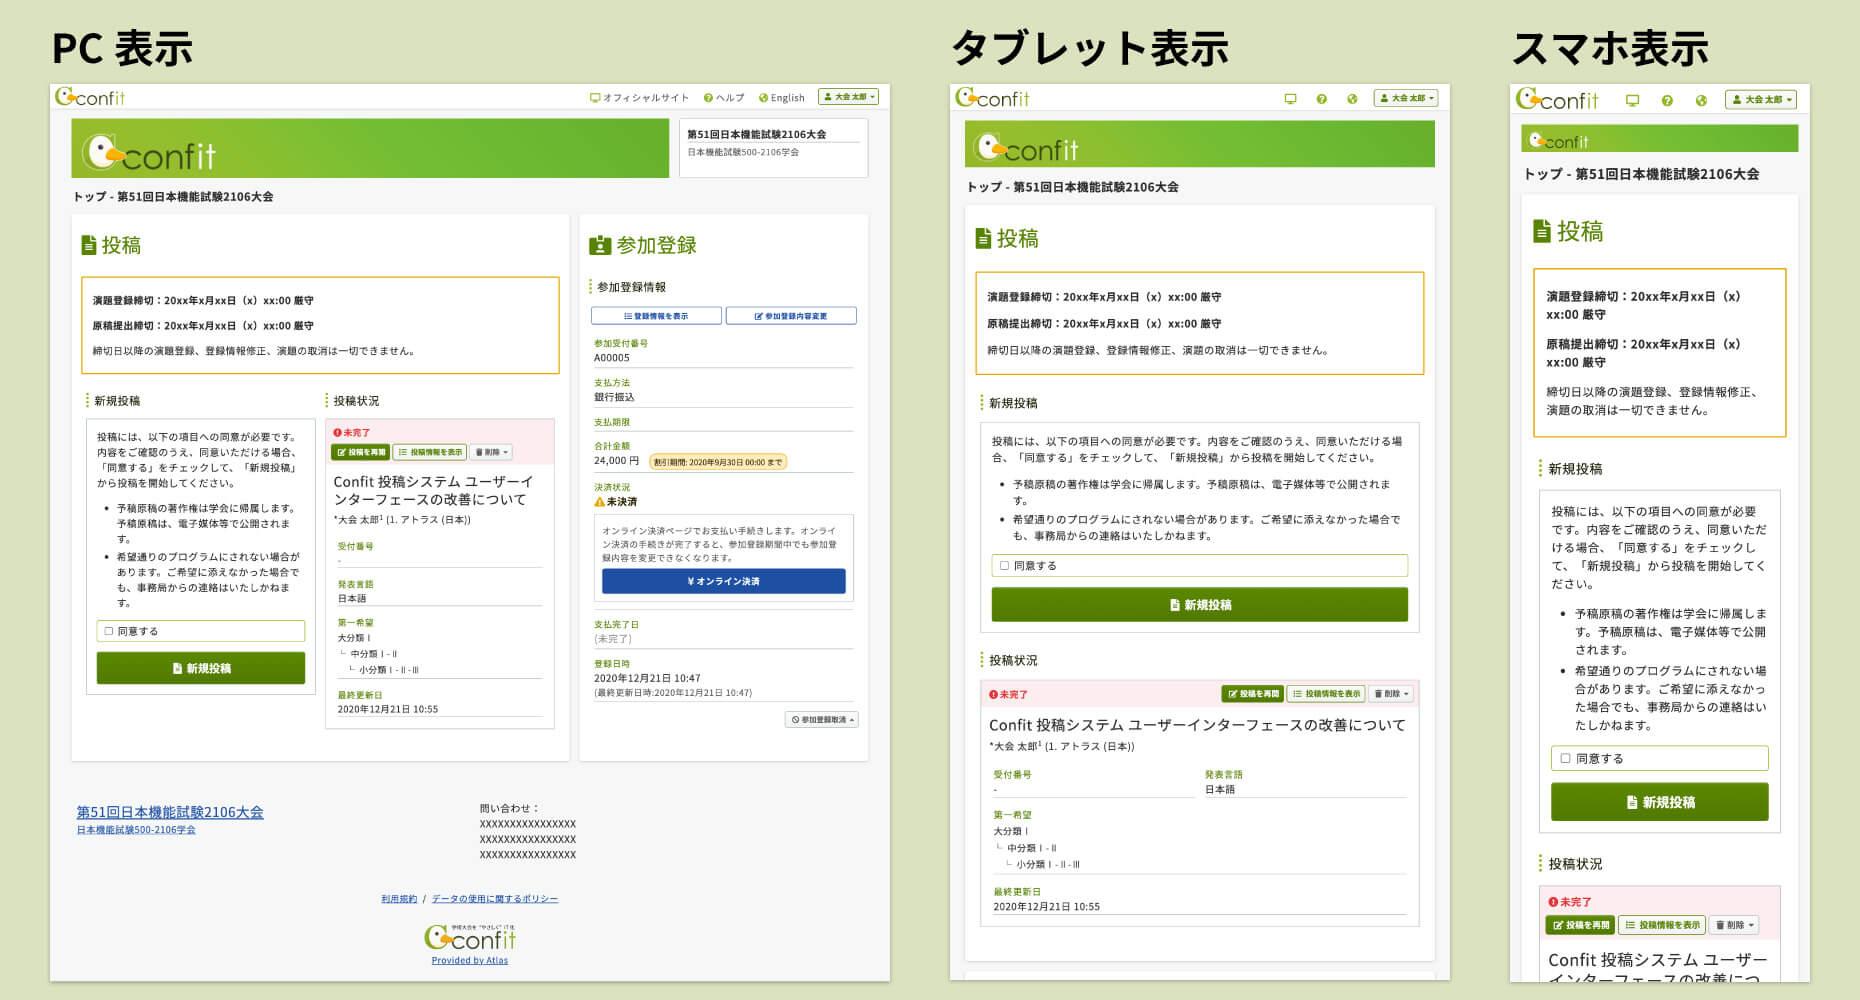 投稿機能がタブレットやスマホでの表示にも対応していることを示した画面表示の比較キャプチャ